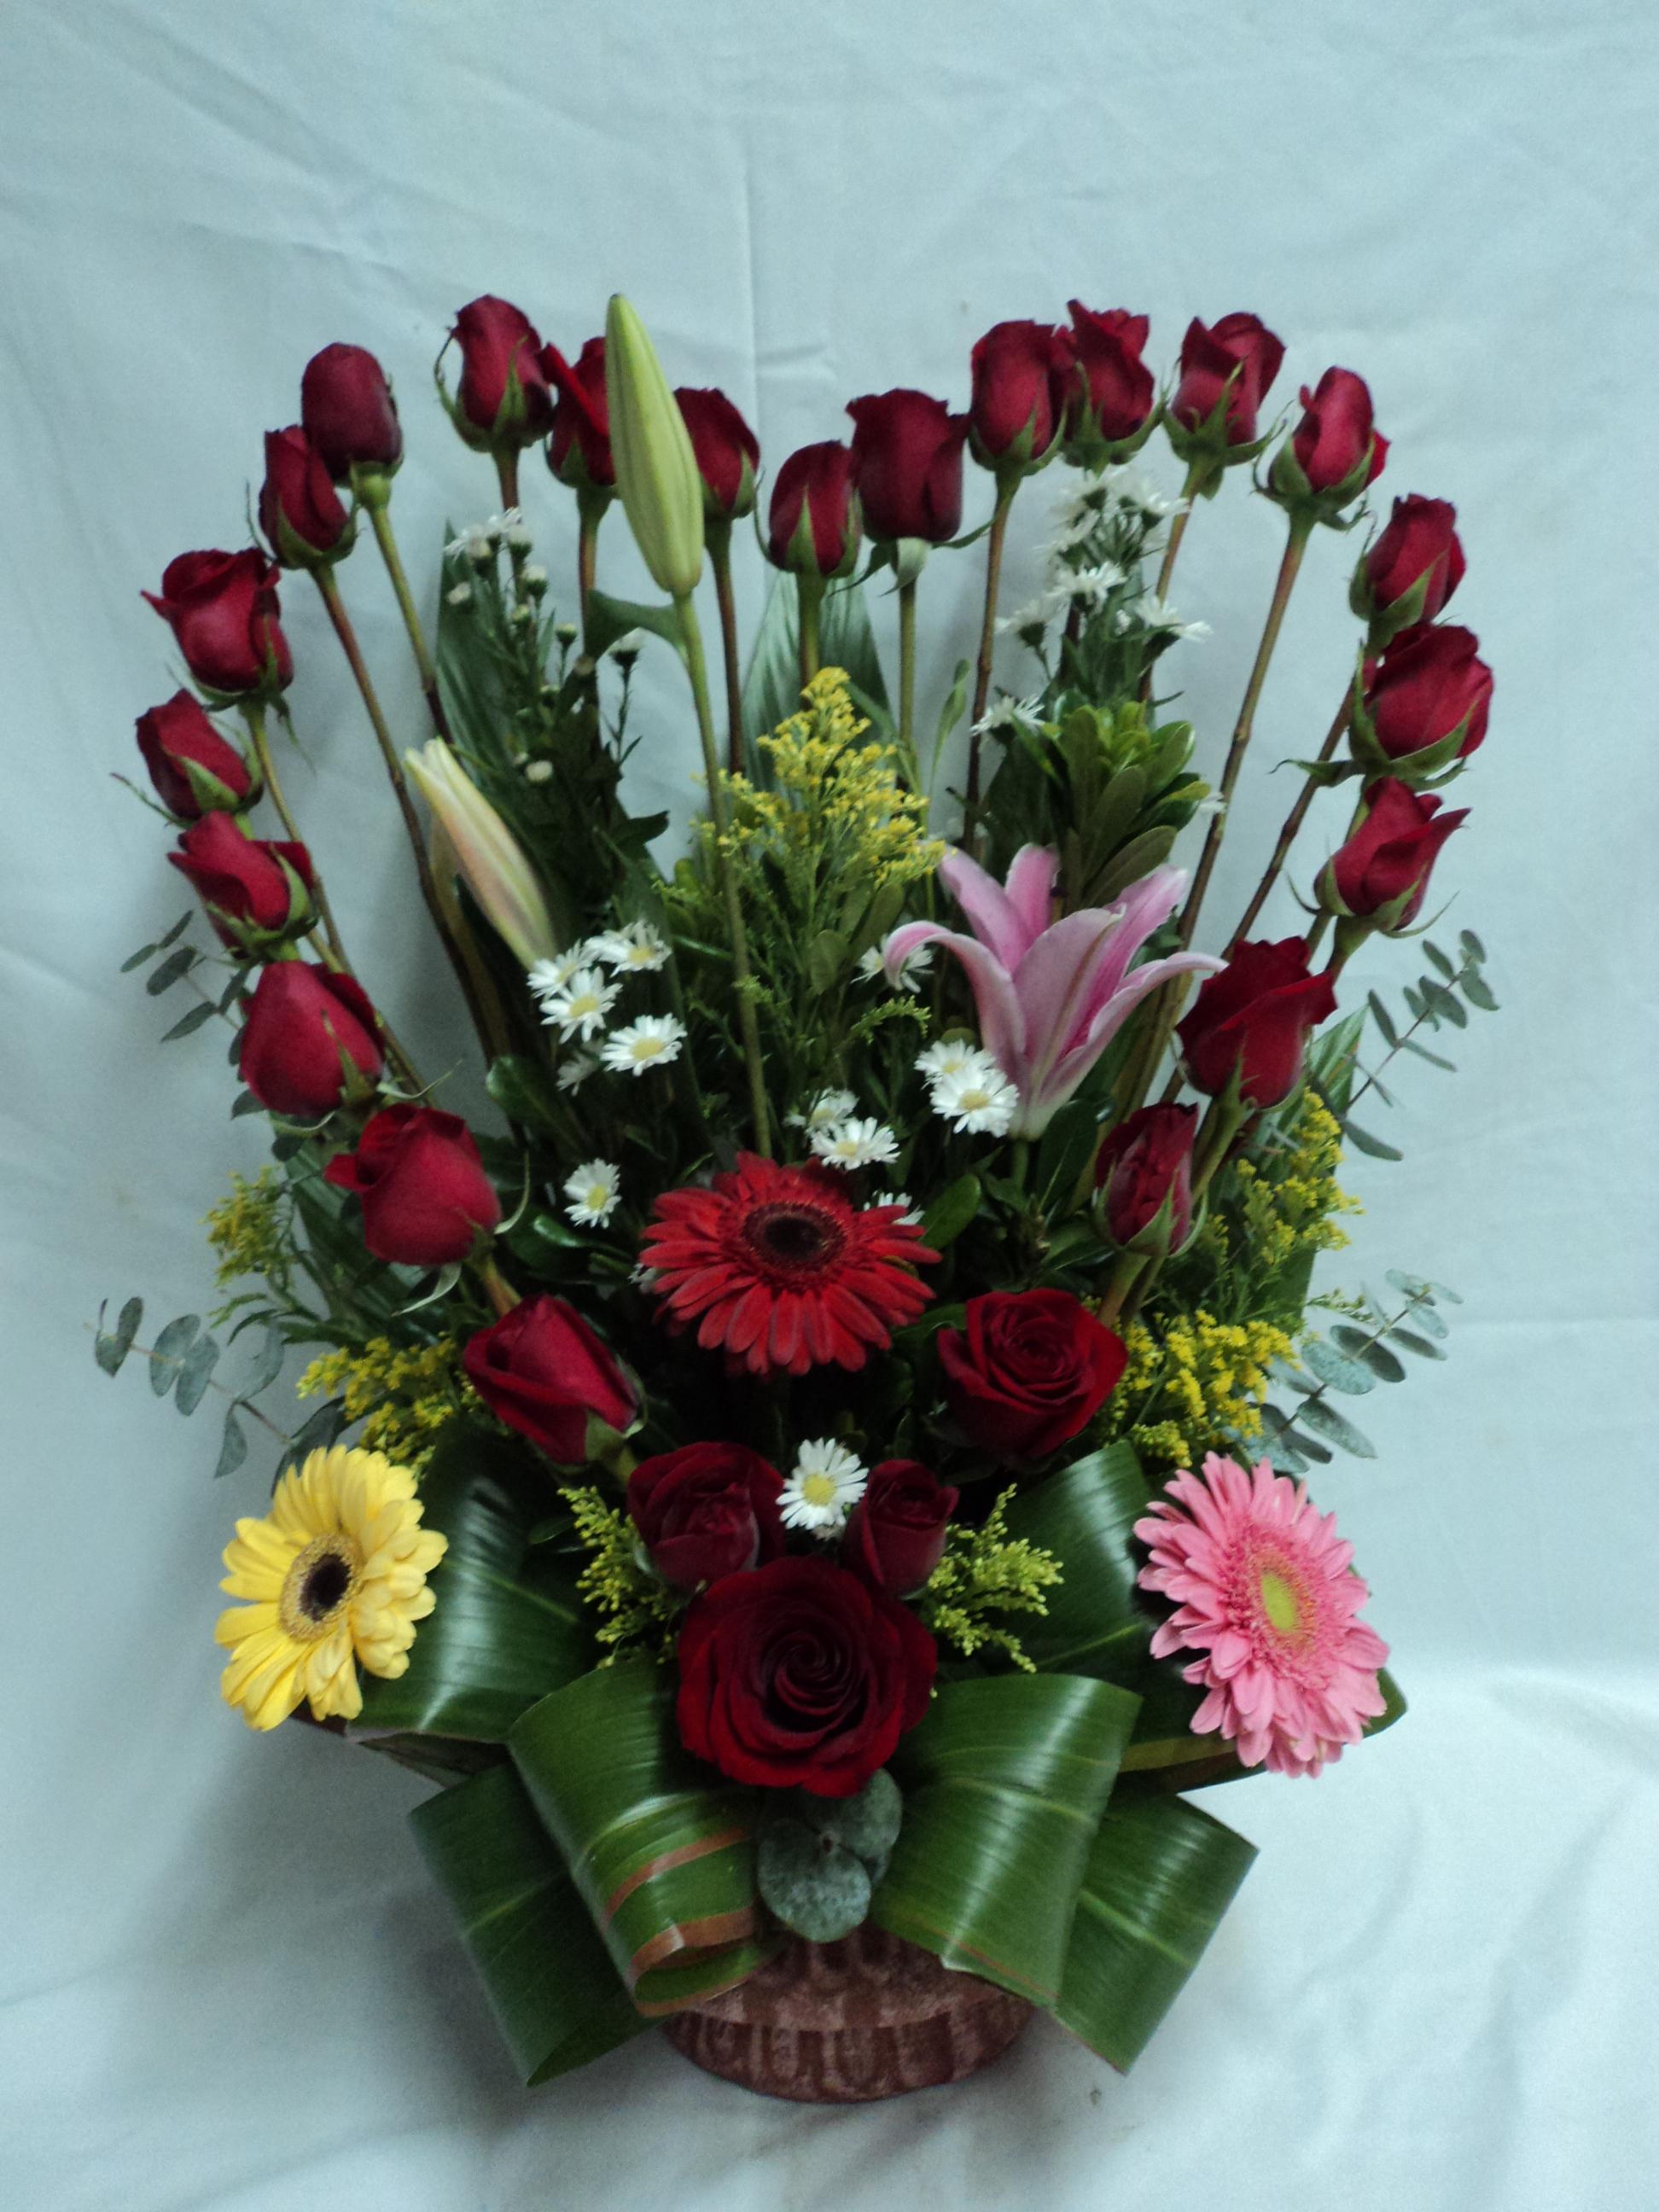 Imagenes De Arreglos Florales Descargar Imagenes Gratis - Adornos-florales